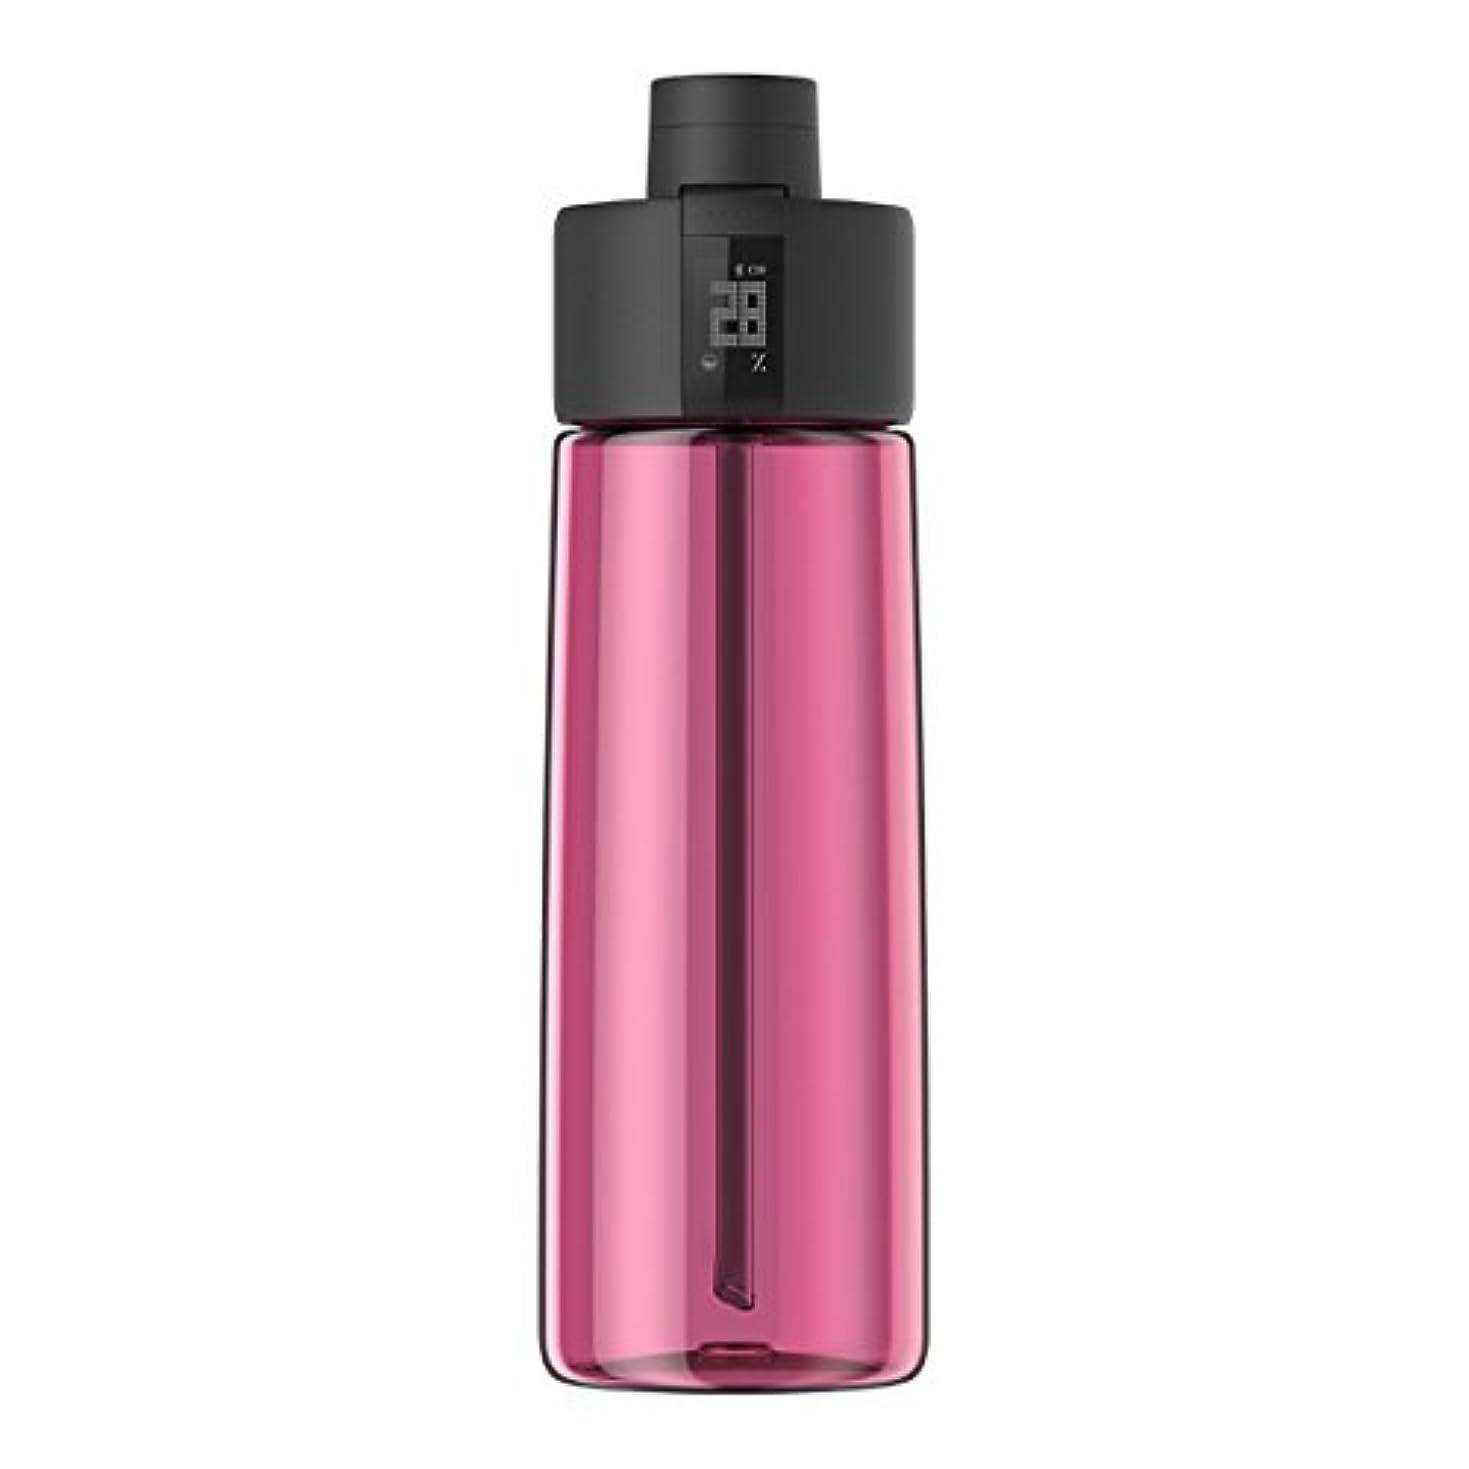 これら全部削減Techcomm bocombiスマートウォーターボトルZephair Hydrationトラッキング、アラームスマートストローテクノロジーと水和のホットとコールドnon-carbonated Drinks